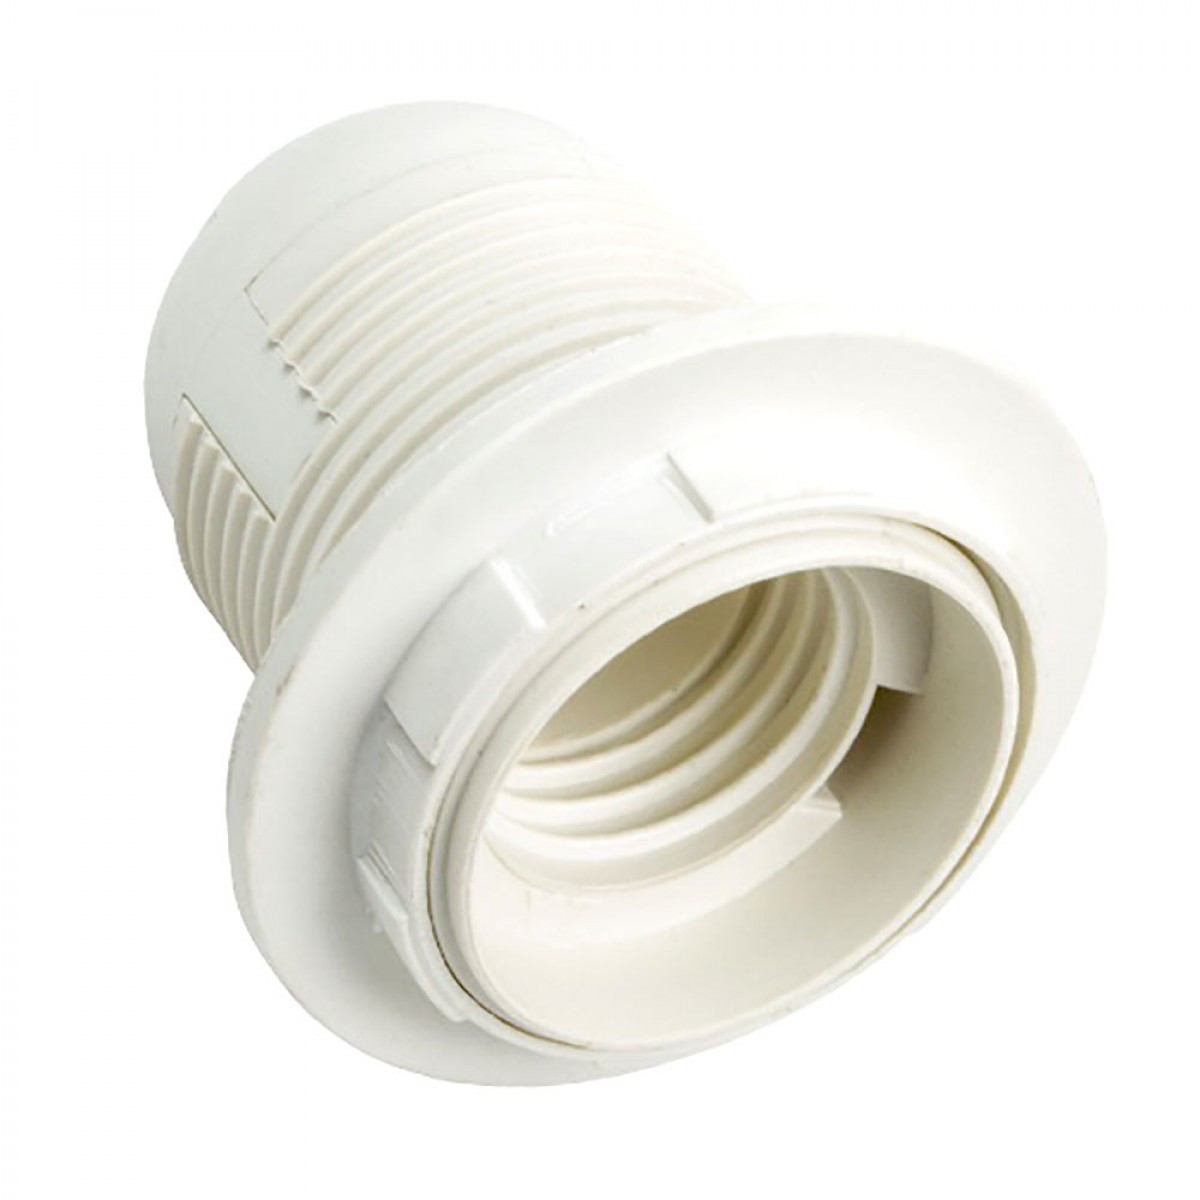 картинка патрон для лампочки умный